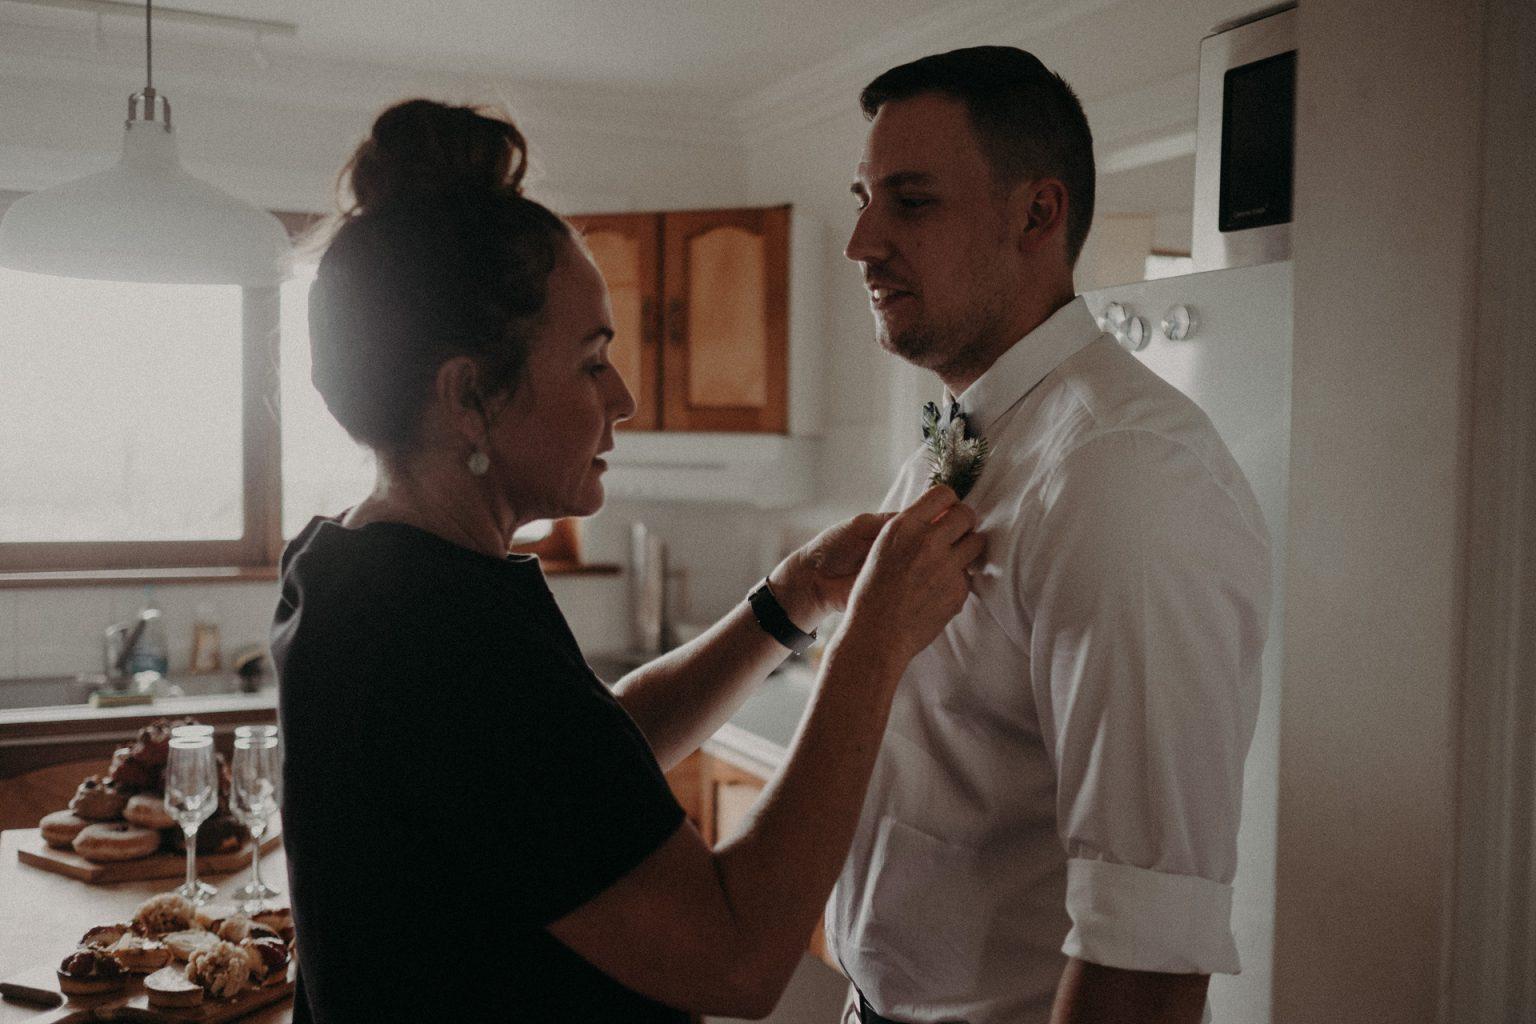 celebrant fixing groom's tie